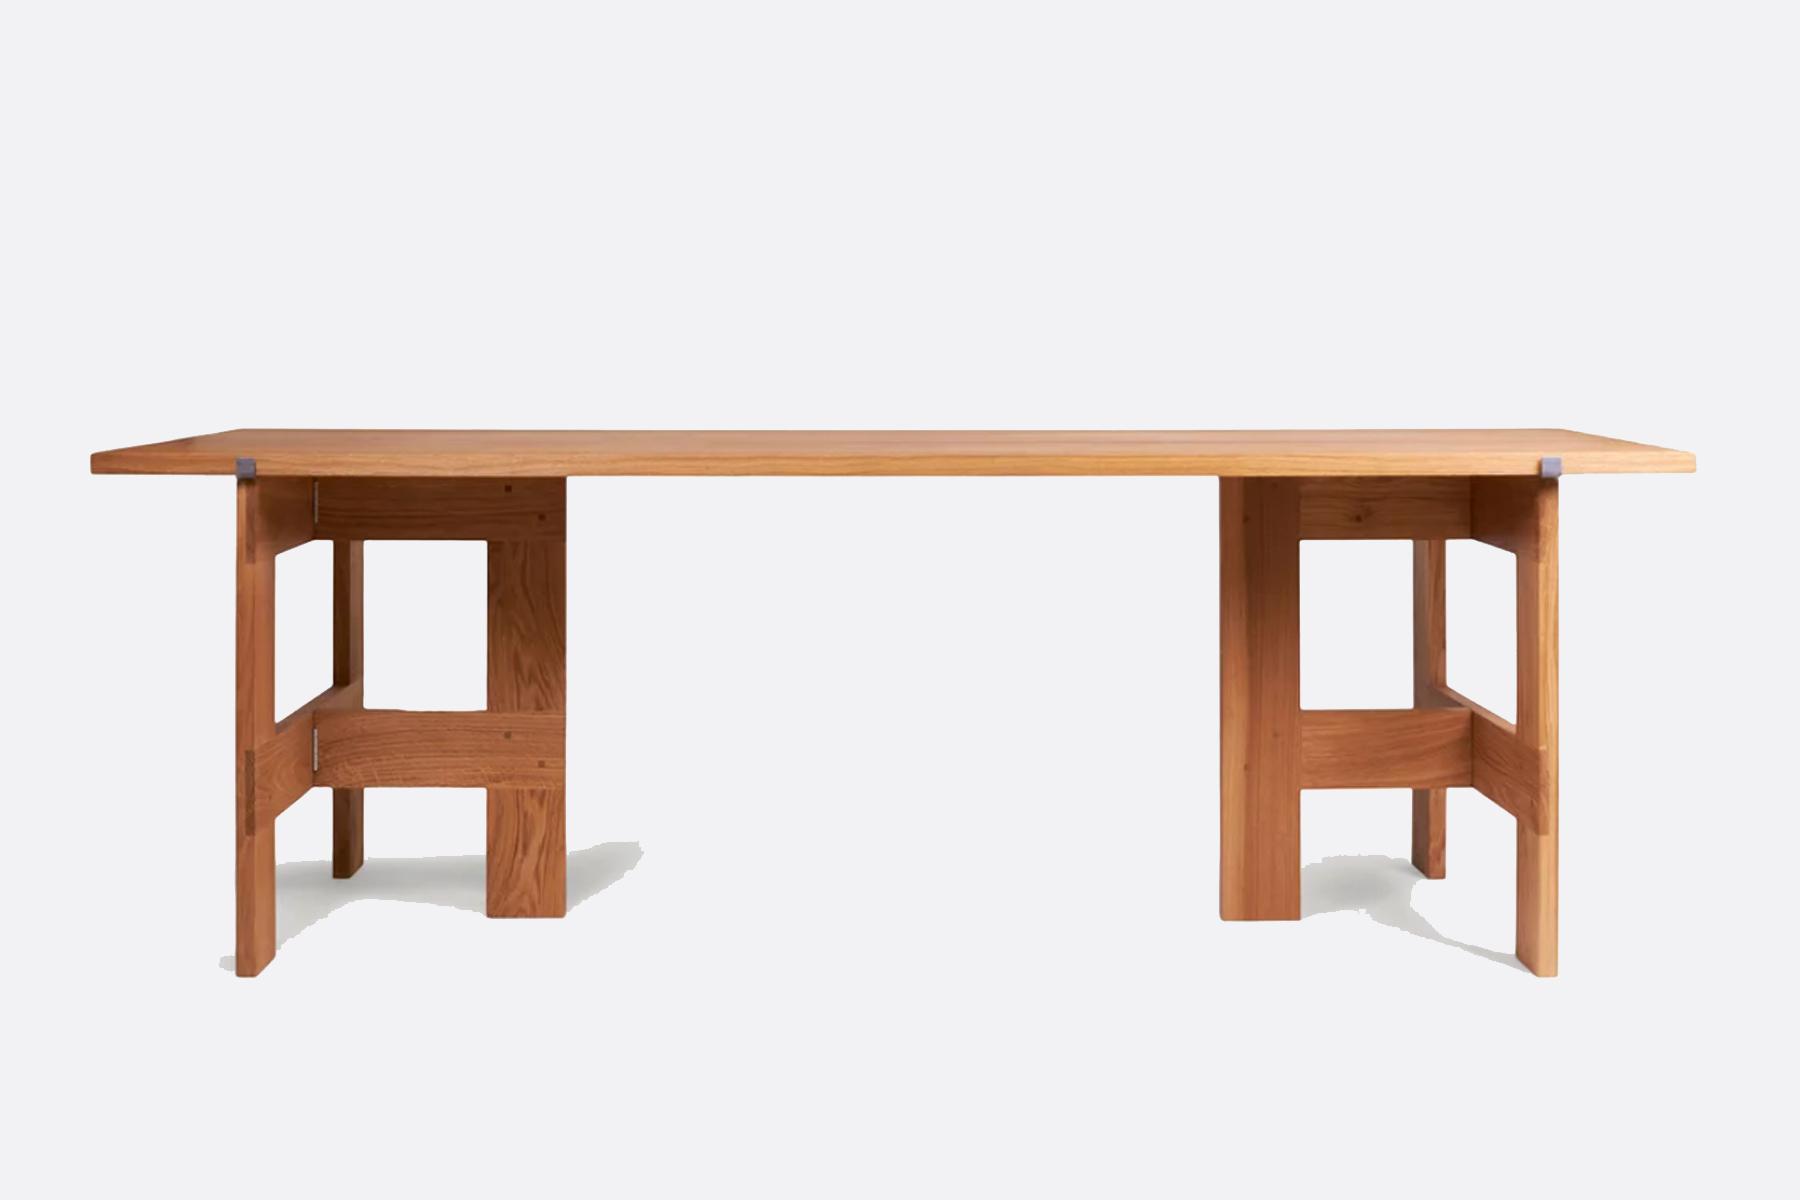 farmhouse table planks